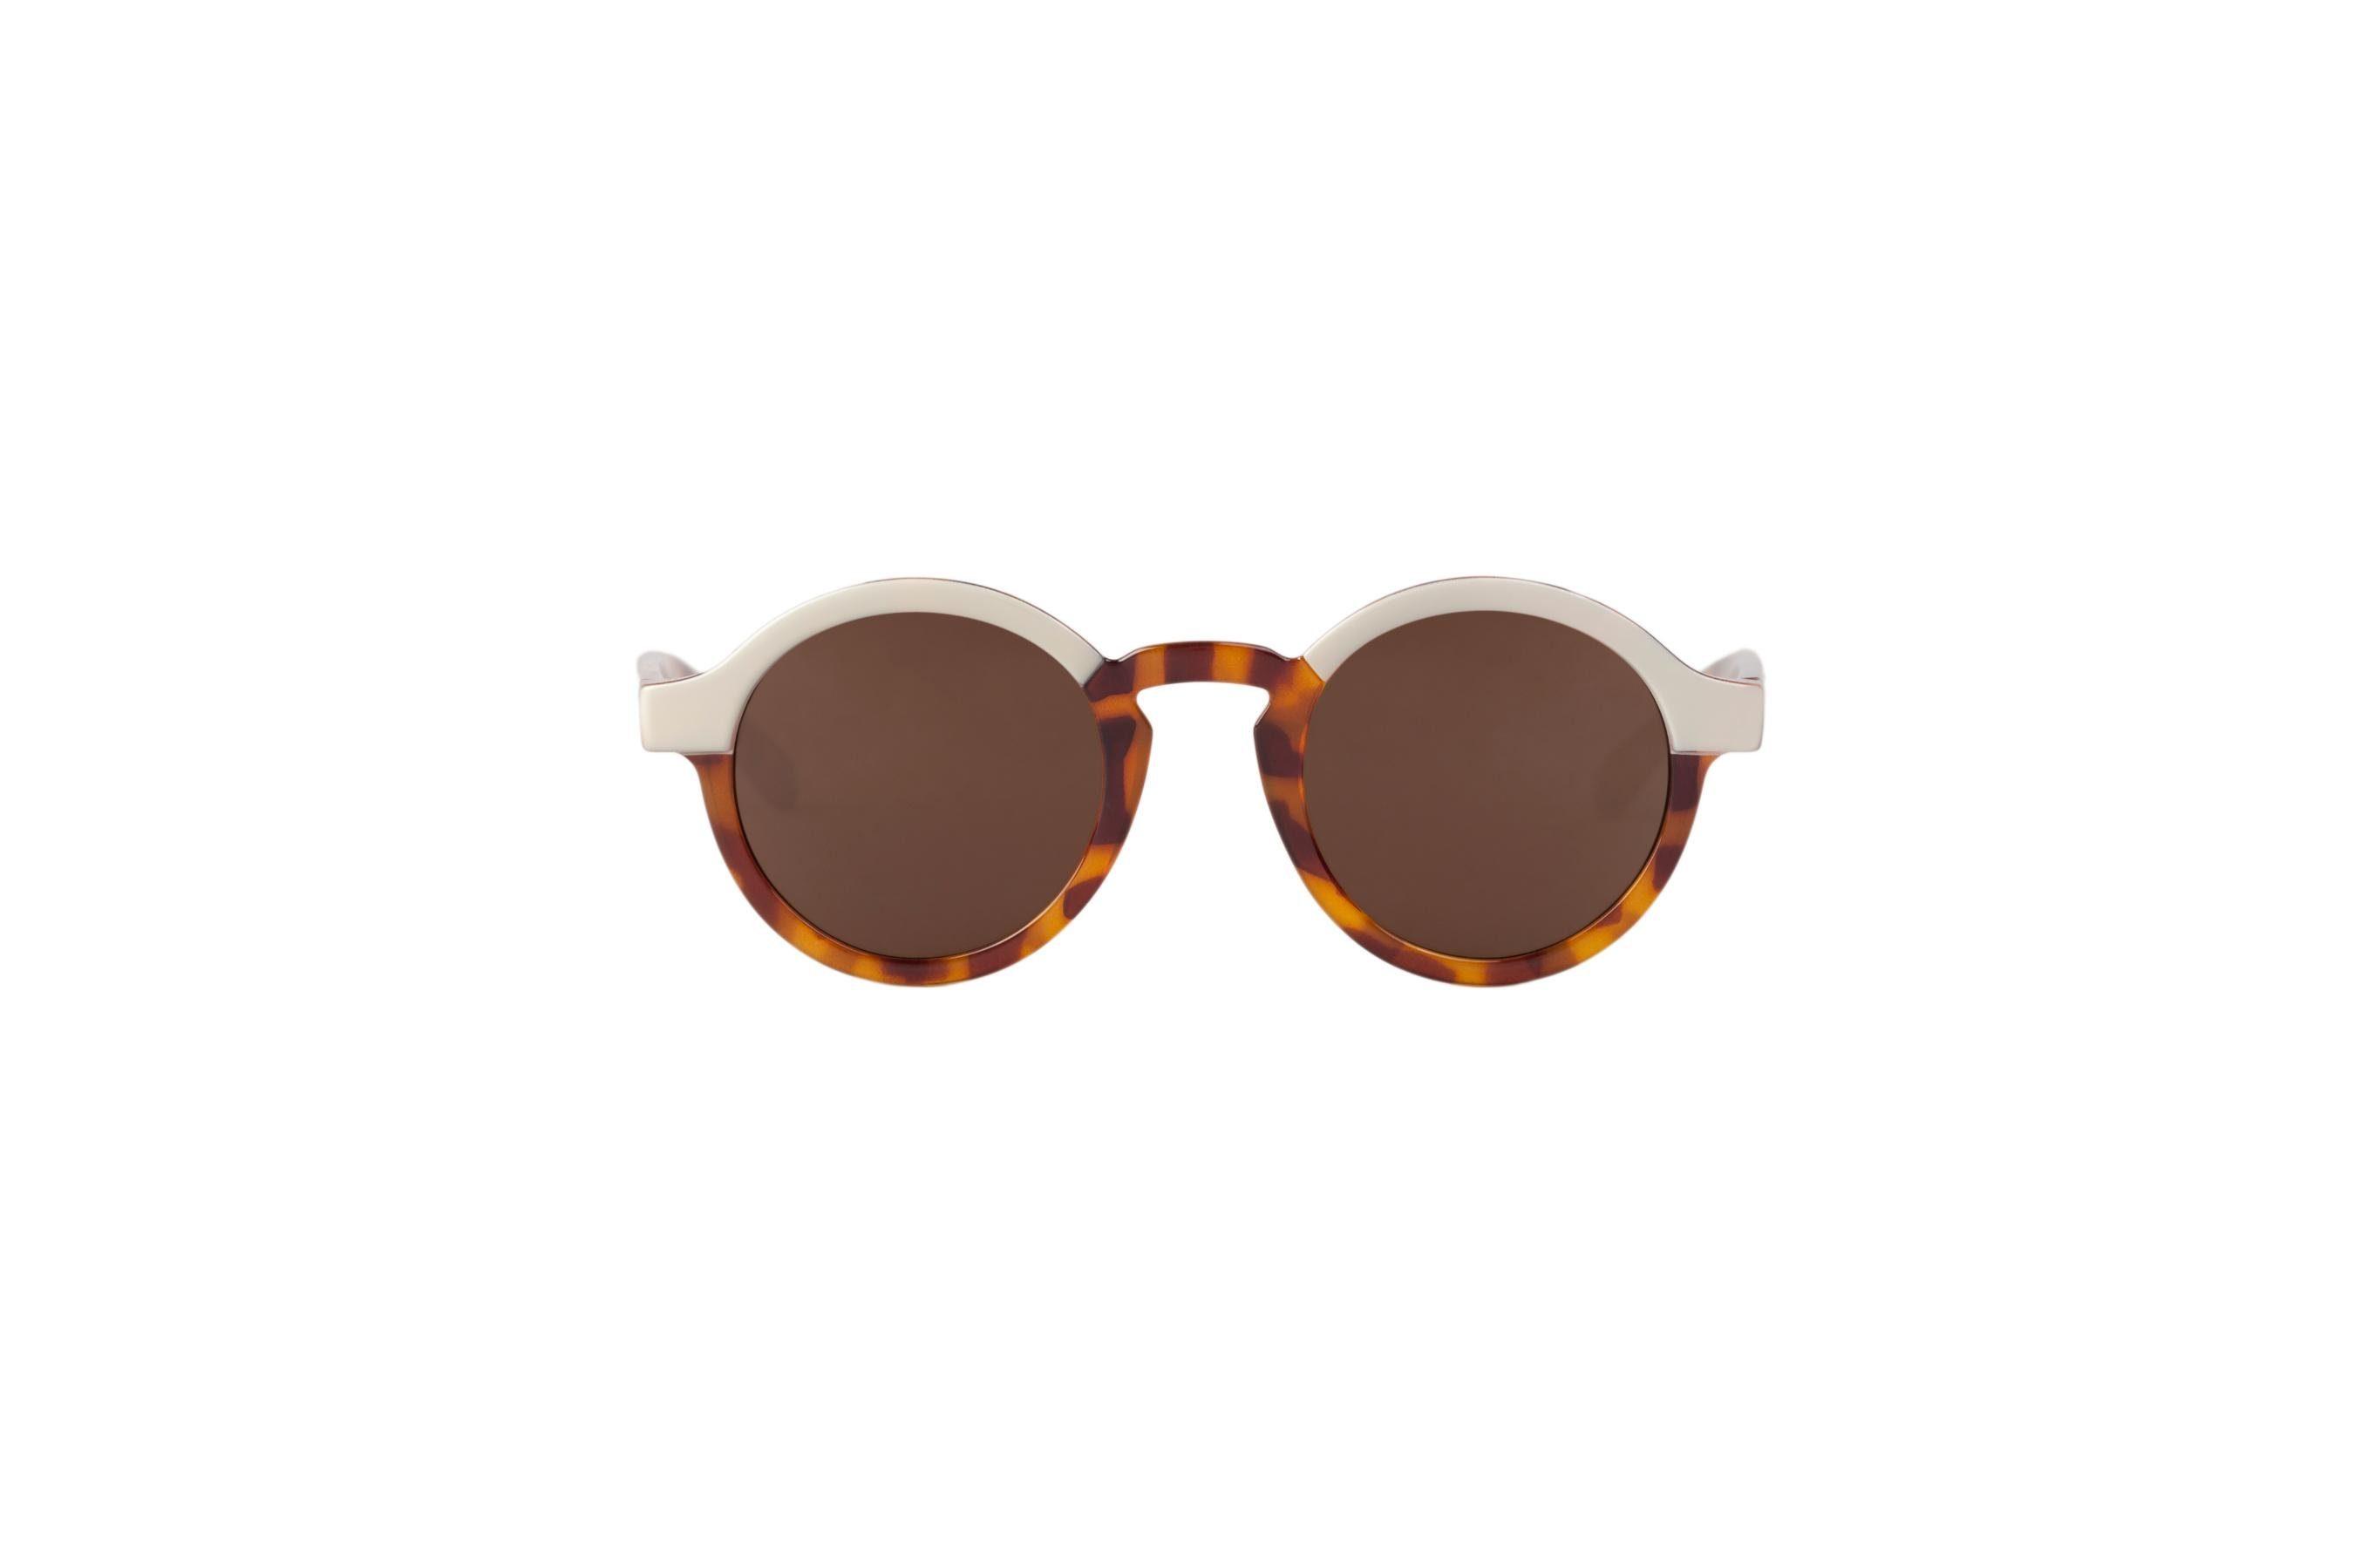 Mr. Boho Sonnenbrille »Creme/ Tortoise Dalston mit klassischen Gläsern«